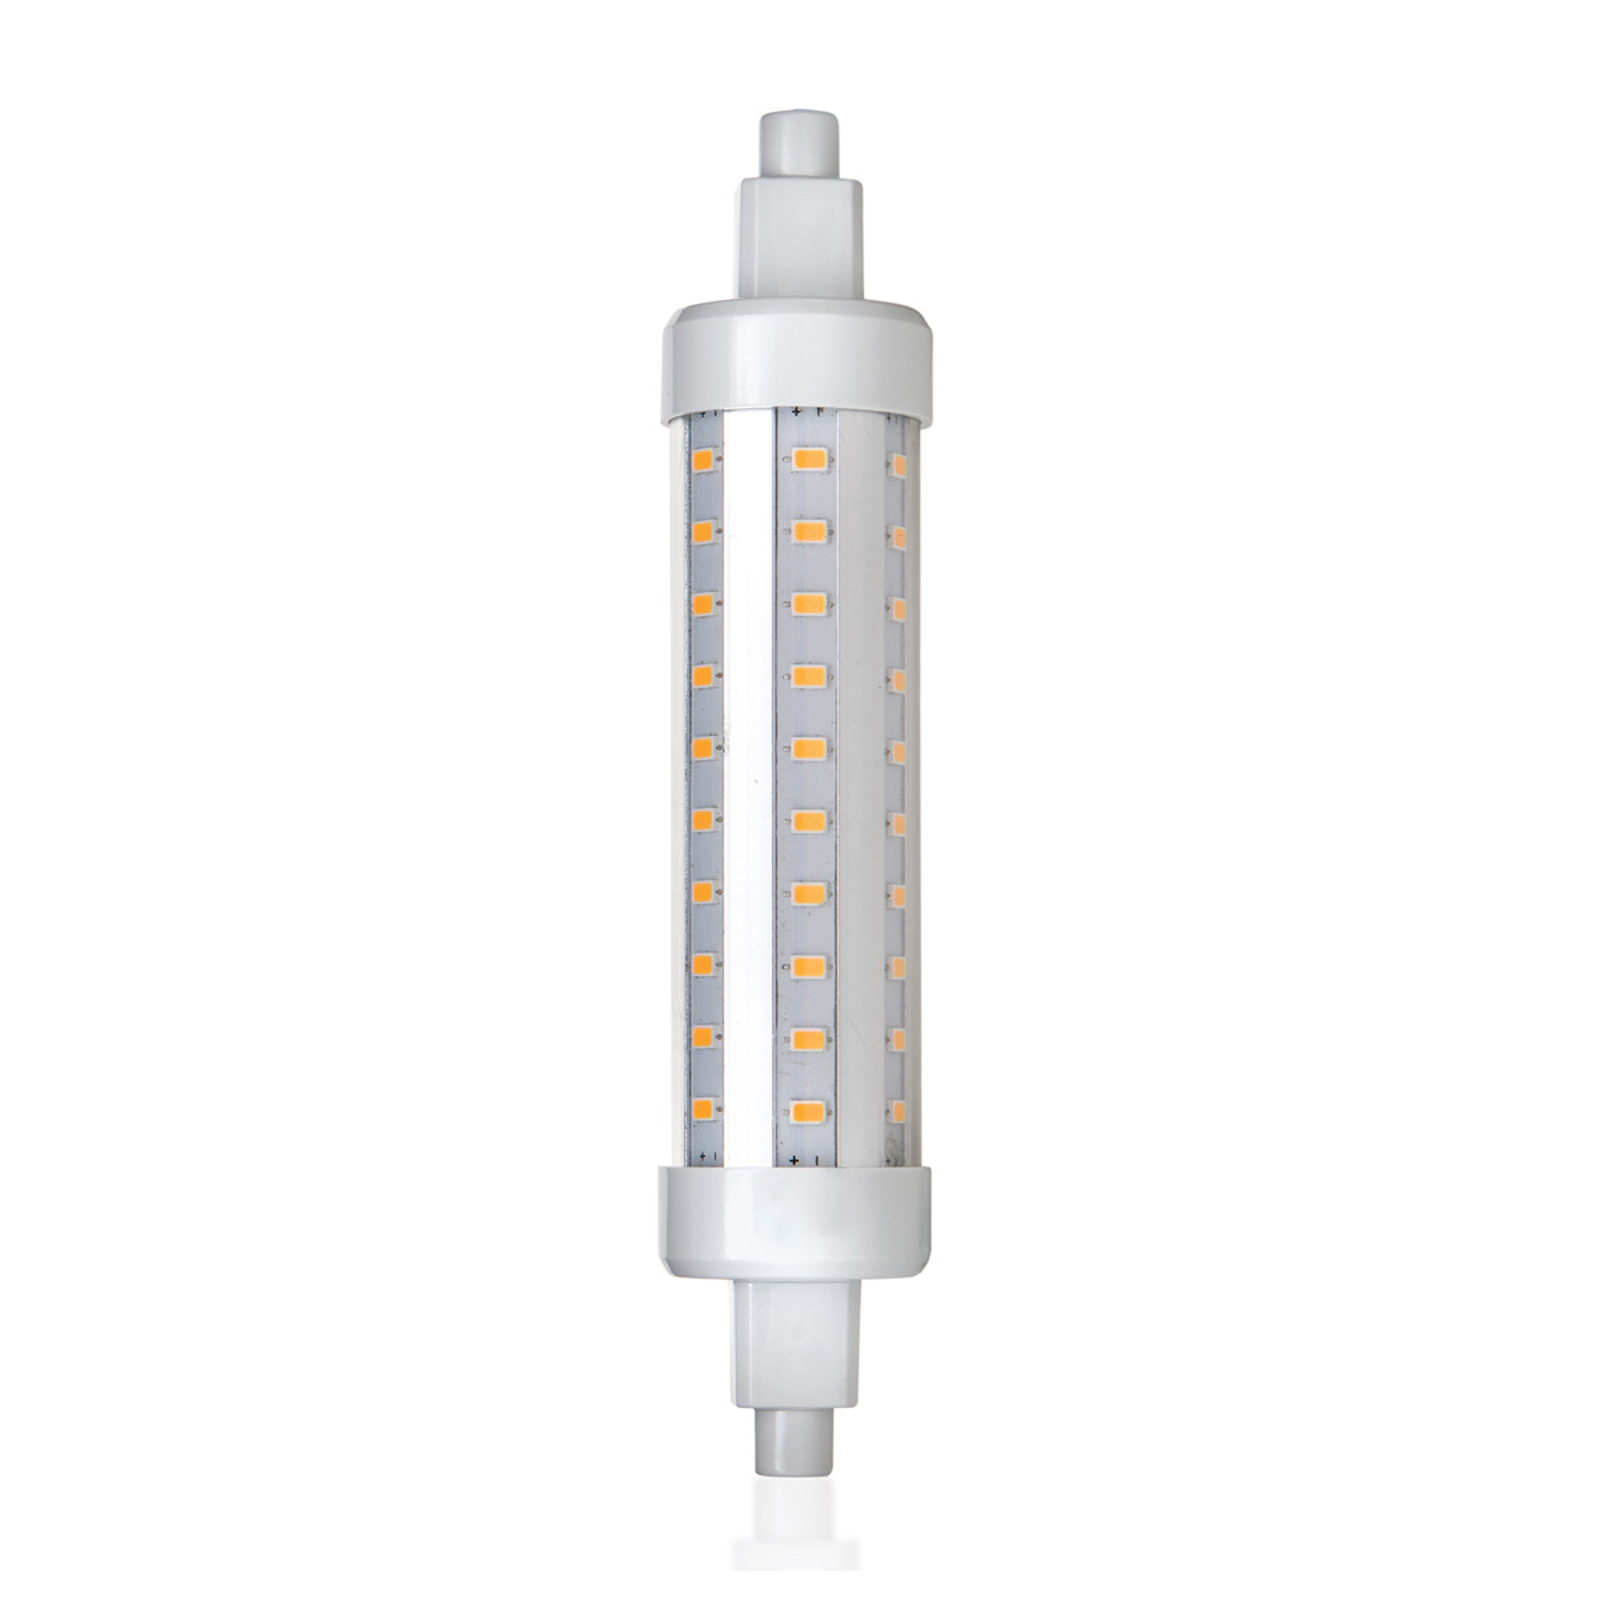 Ampoule crayon R7s 10W 830 LED